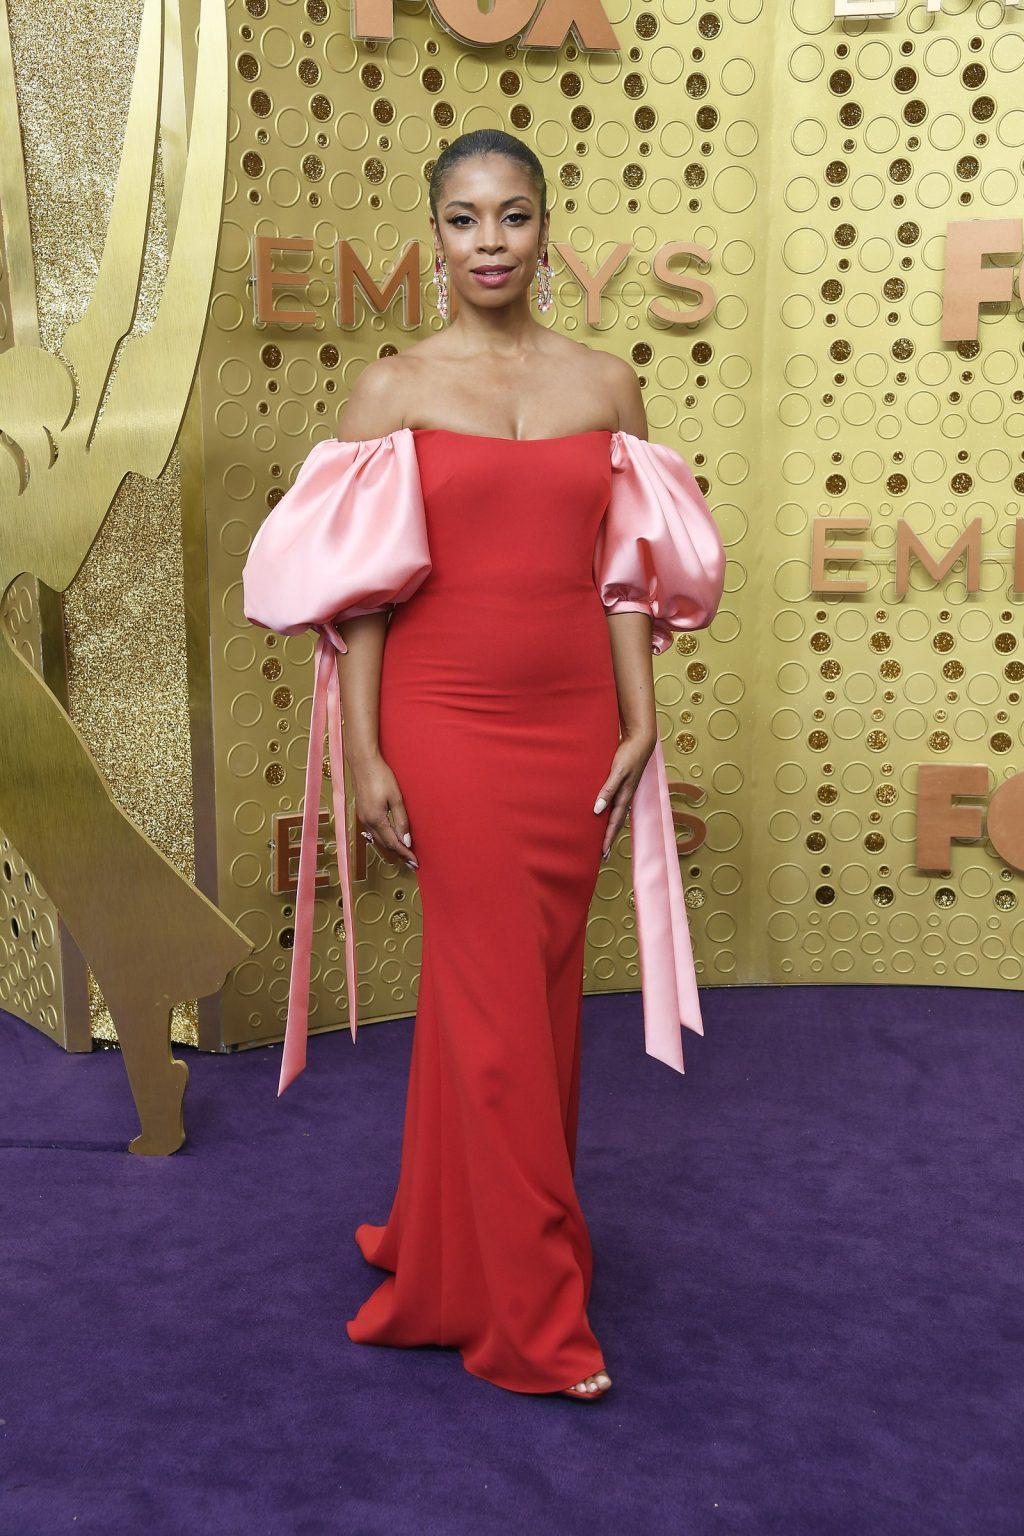 Nữ diễn viên Susan Kelechi Watson xuất hiện tại lễ trao giải emmy 2019 trong thiết kế ấn tượng với hai màu chủ đạo hồng, đỏ.